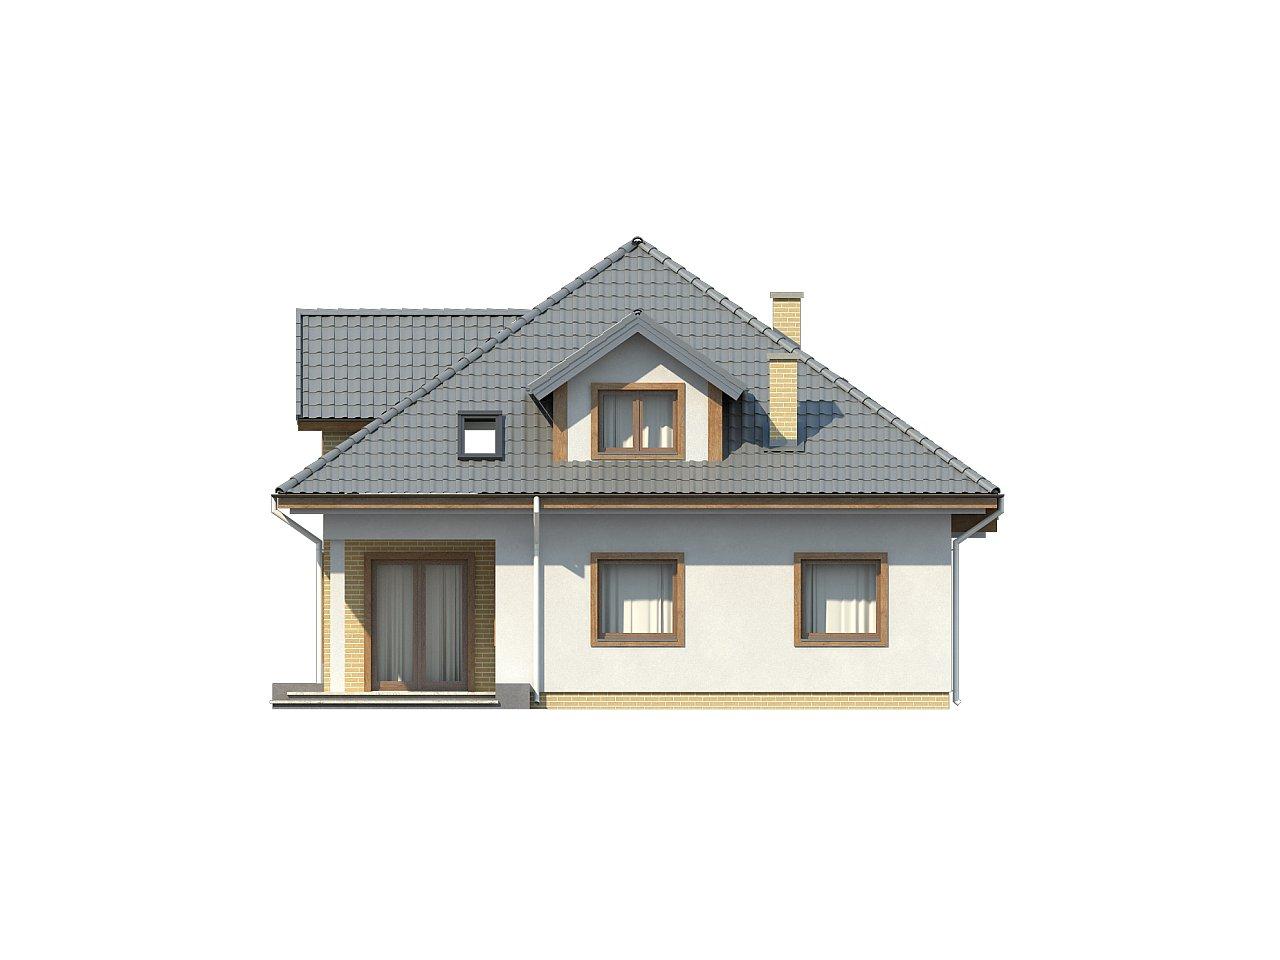 Проект дома с мансардой, с большим техническим помещением и дополнительной спальней на первом этаже. - фото 4